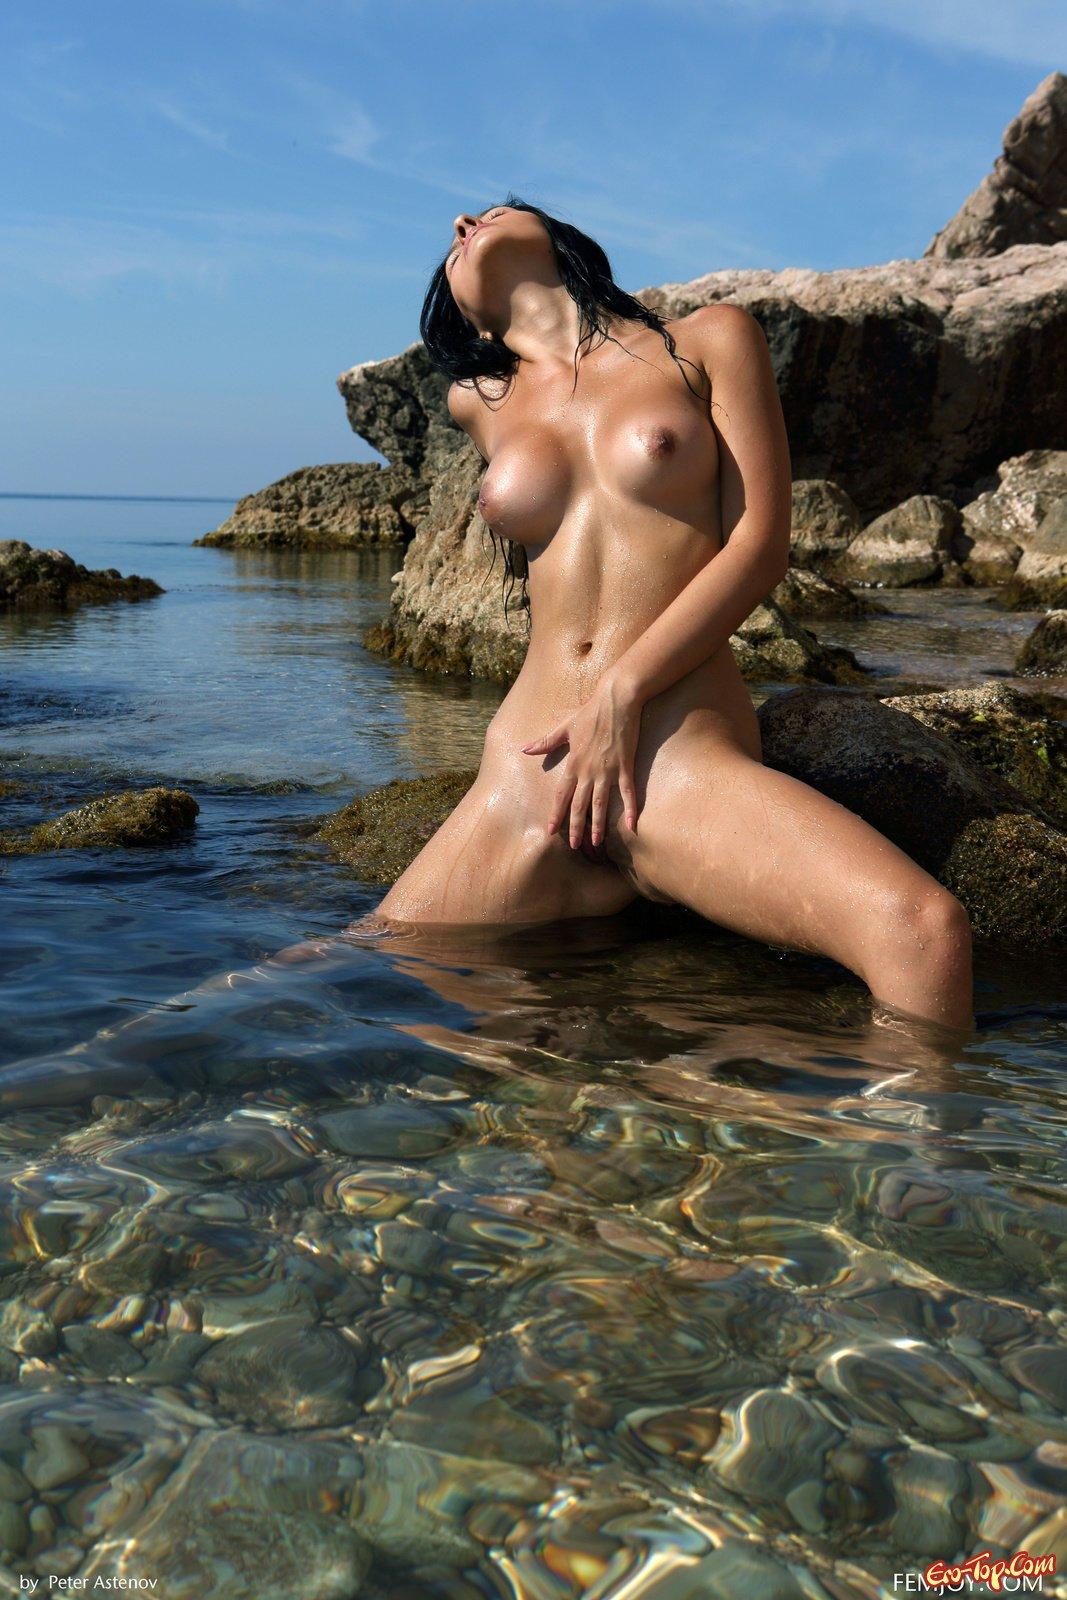 Обнаженная шатенка продемонстрировала письку в воде секс фото